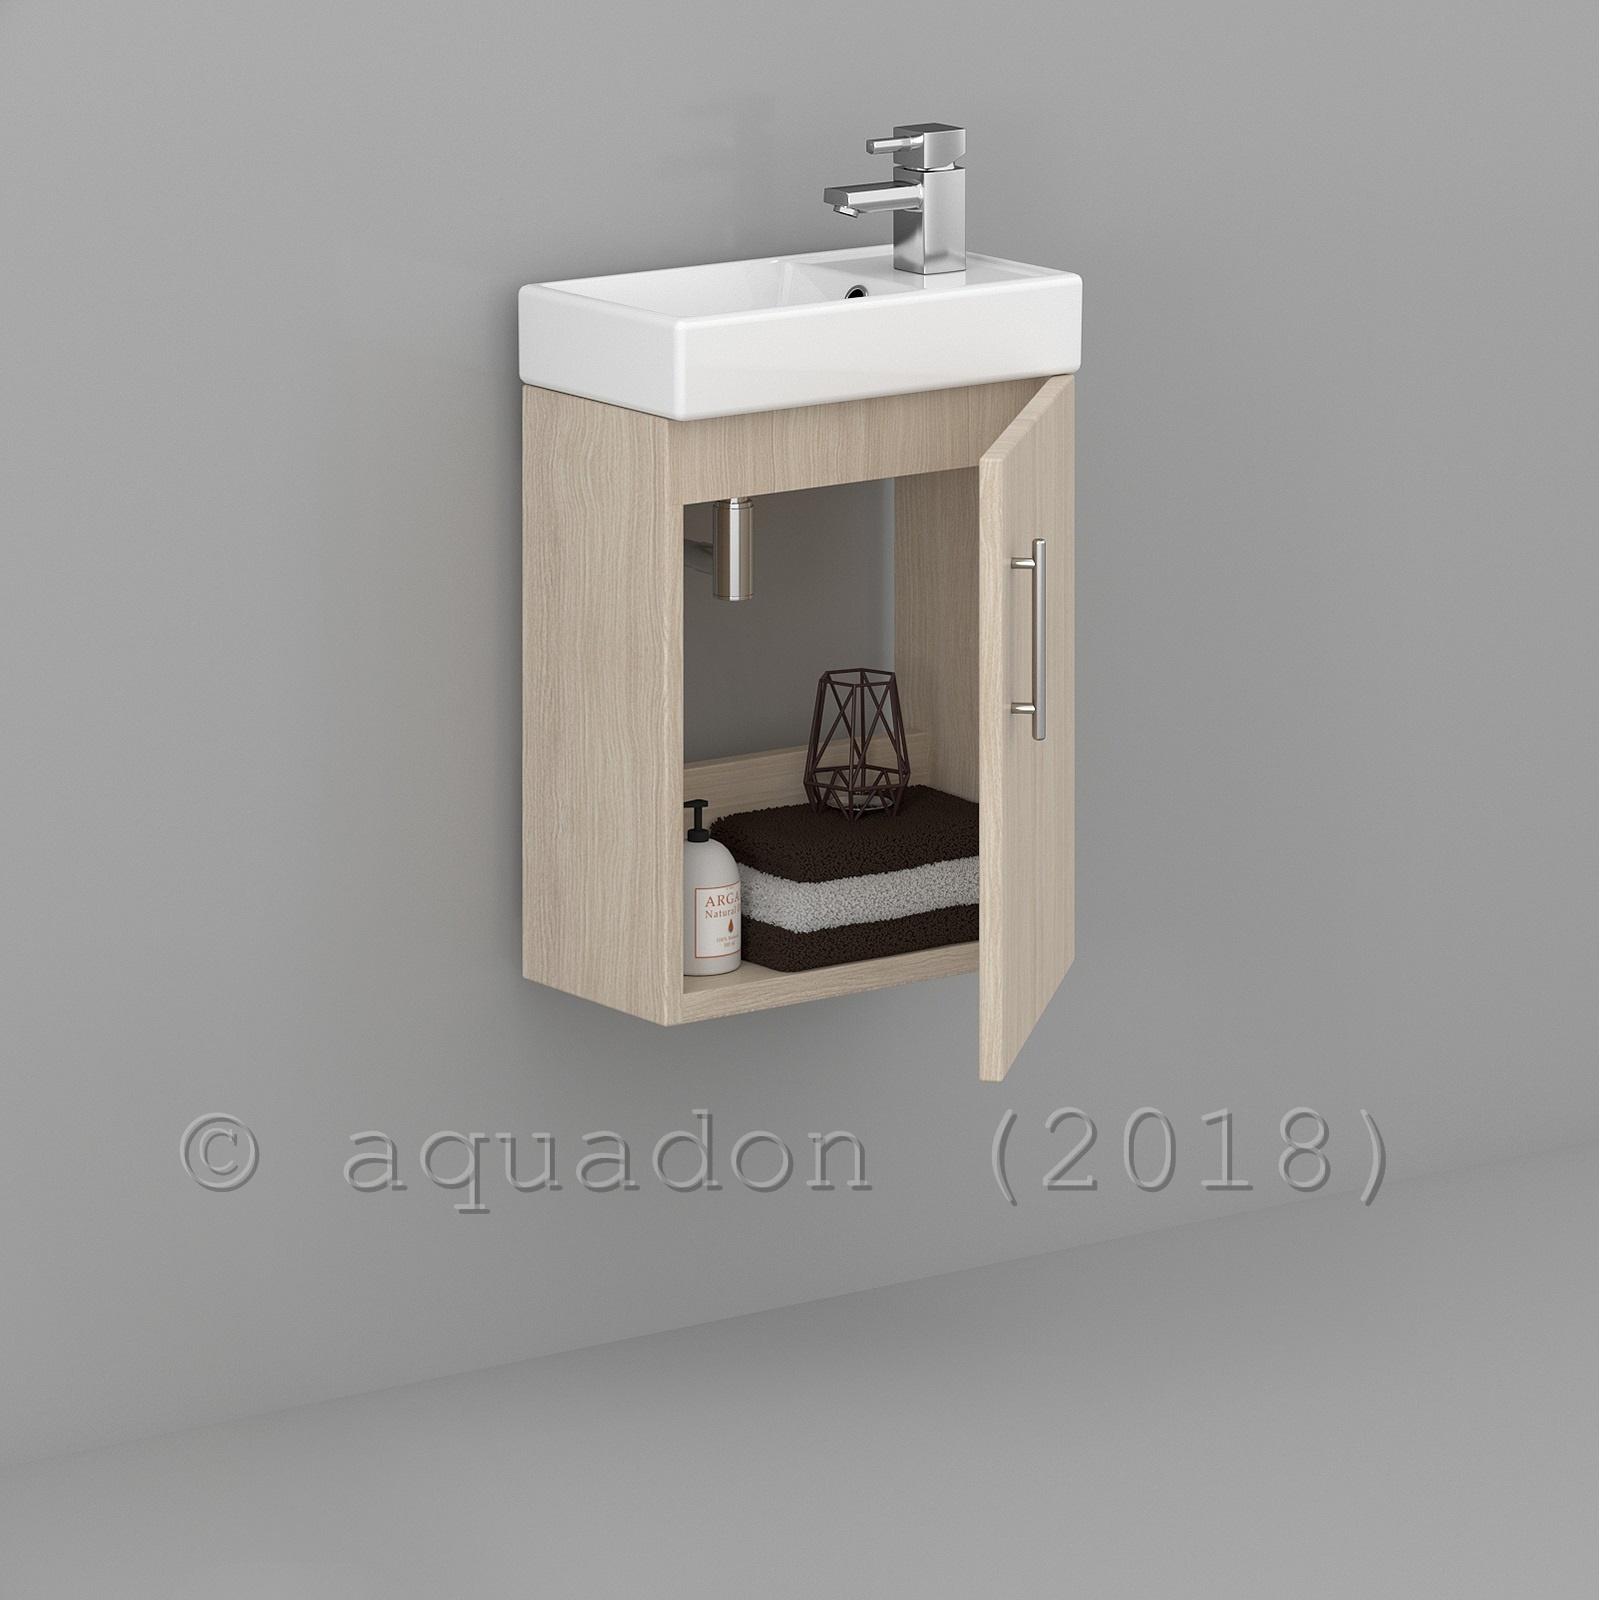 Minimalist Bathroom Items: Bathroom Cloakroom 400mm Minimalist Compact Vanity Unit